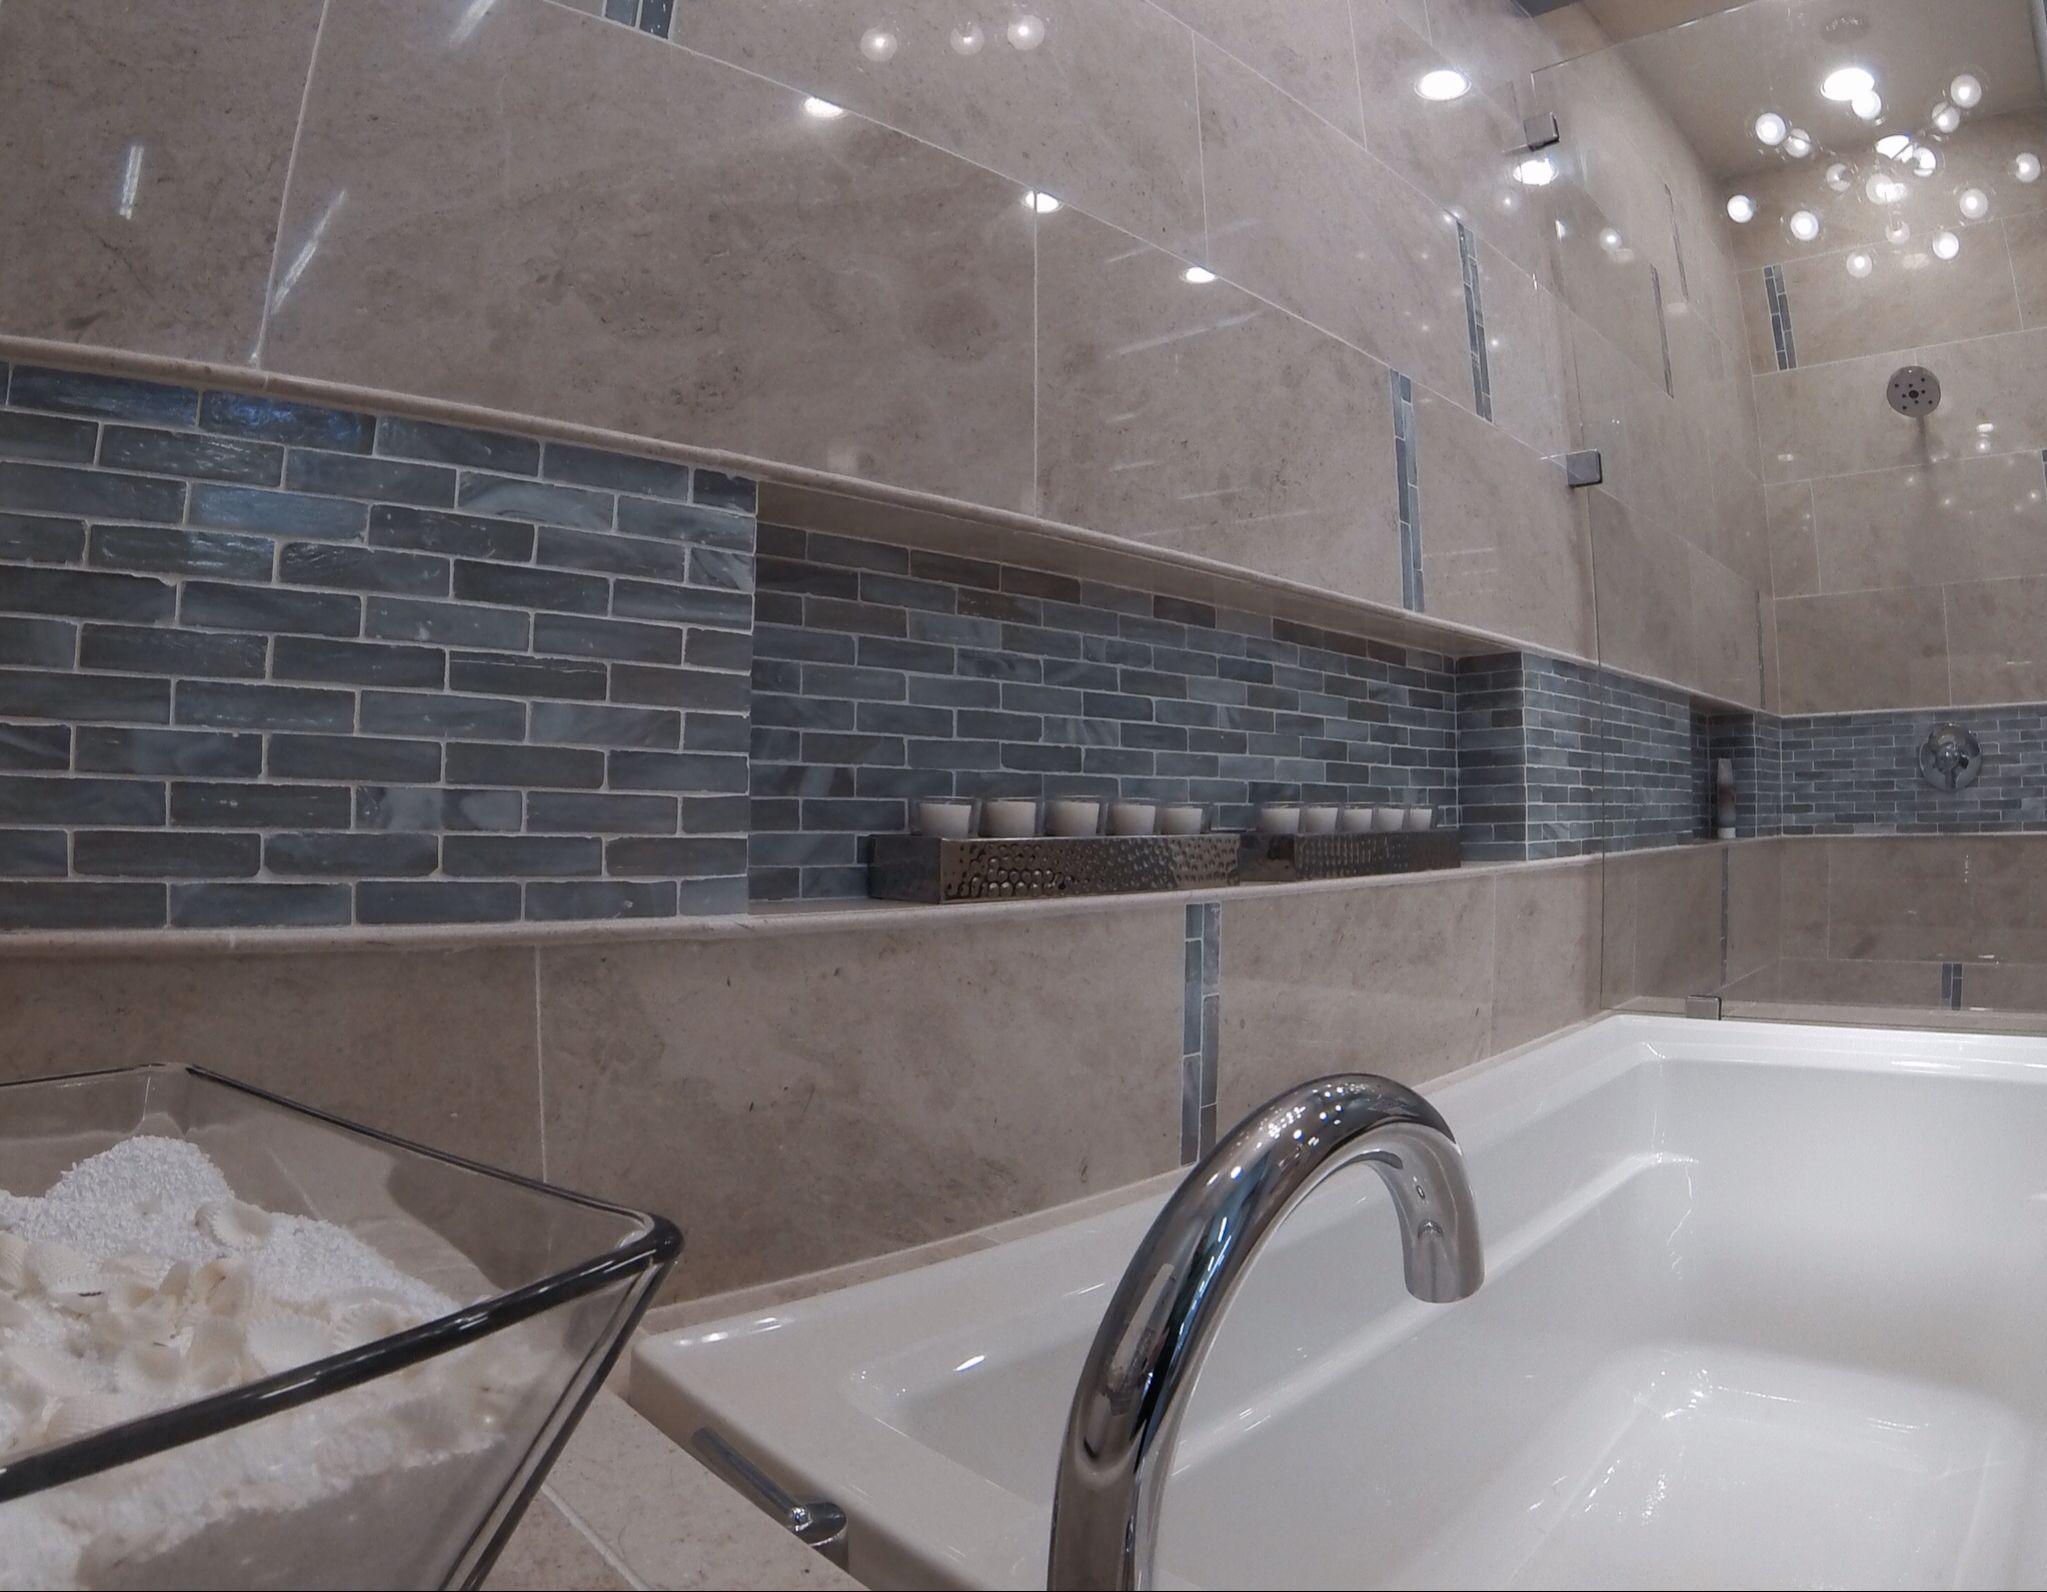 Calming zen tile bathroom. #thetileshop   Bathroom tile ... on zen furniture designs, zen bathroom light fixtures, zen kitchen designs, zen mosaics designs, zen bathroom lighting, zen cabinets designs, zen bathroom wall, zen shower designs, zen bathroom floor, zen bathroom colors, zen bathroom faucets, retro kitchen tile designs, zen bathroom cabinets,